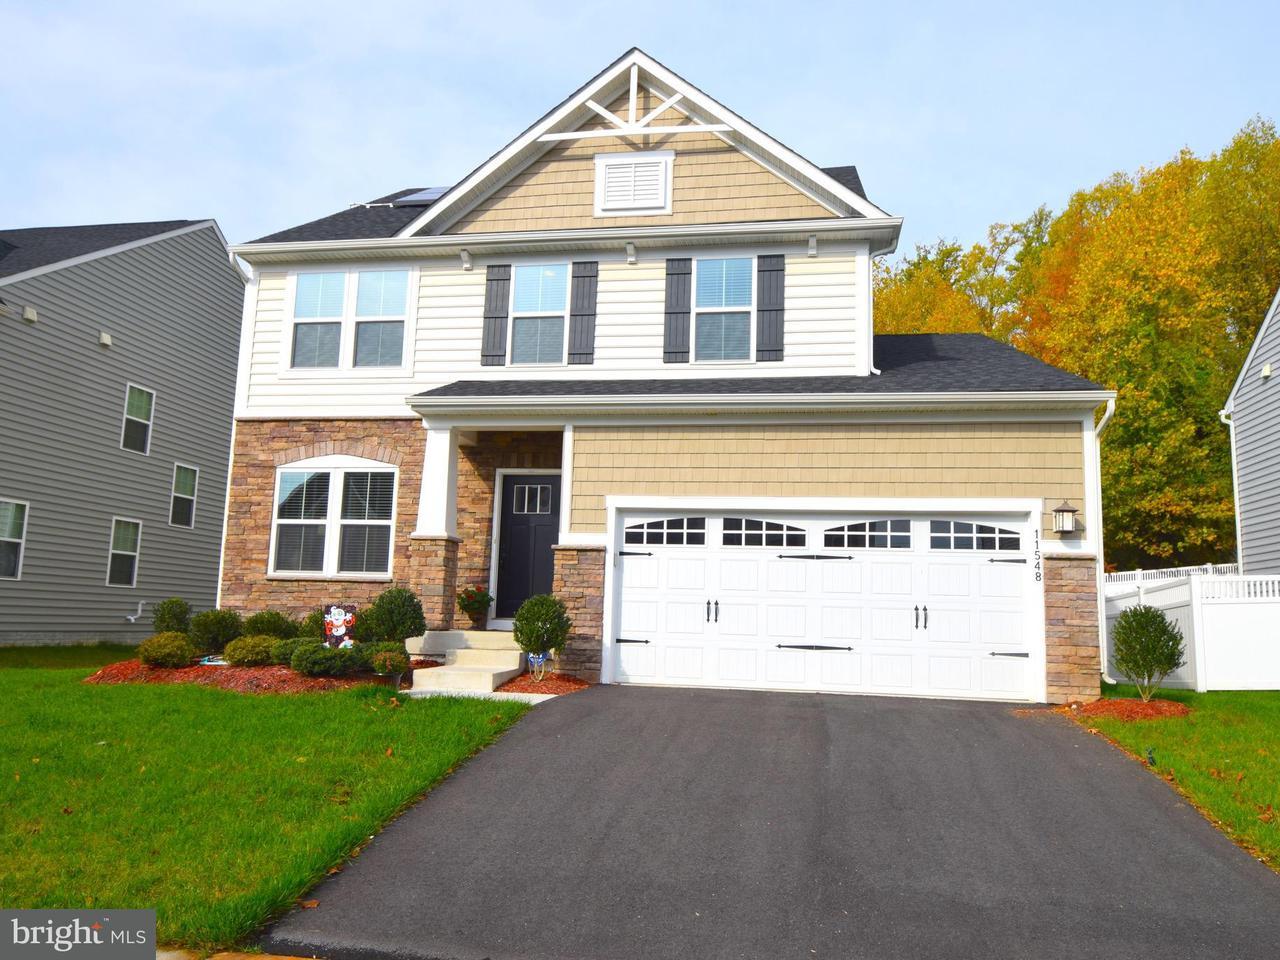 Частный односемейный дом для того Продажа на 11548 Autumn Terrace Drive 11548 Autumn Terrace Drive White Marsh, Мэриленд 21162 Соединенные Штаты